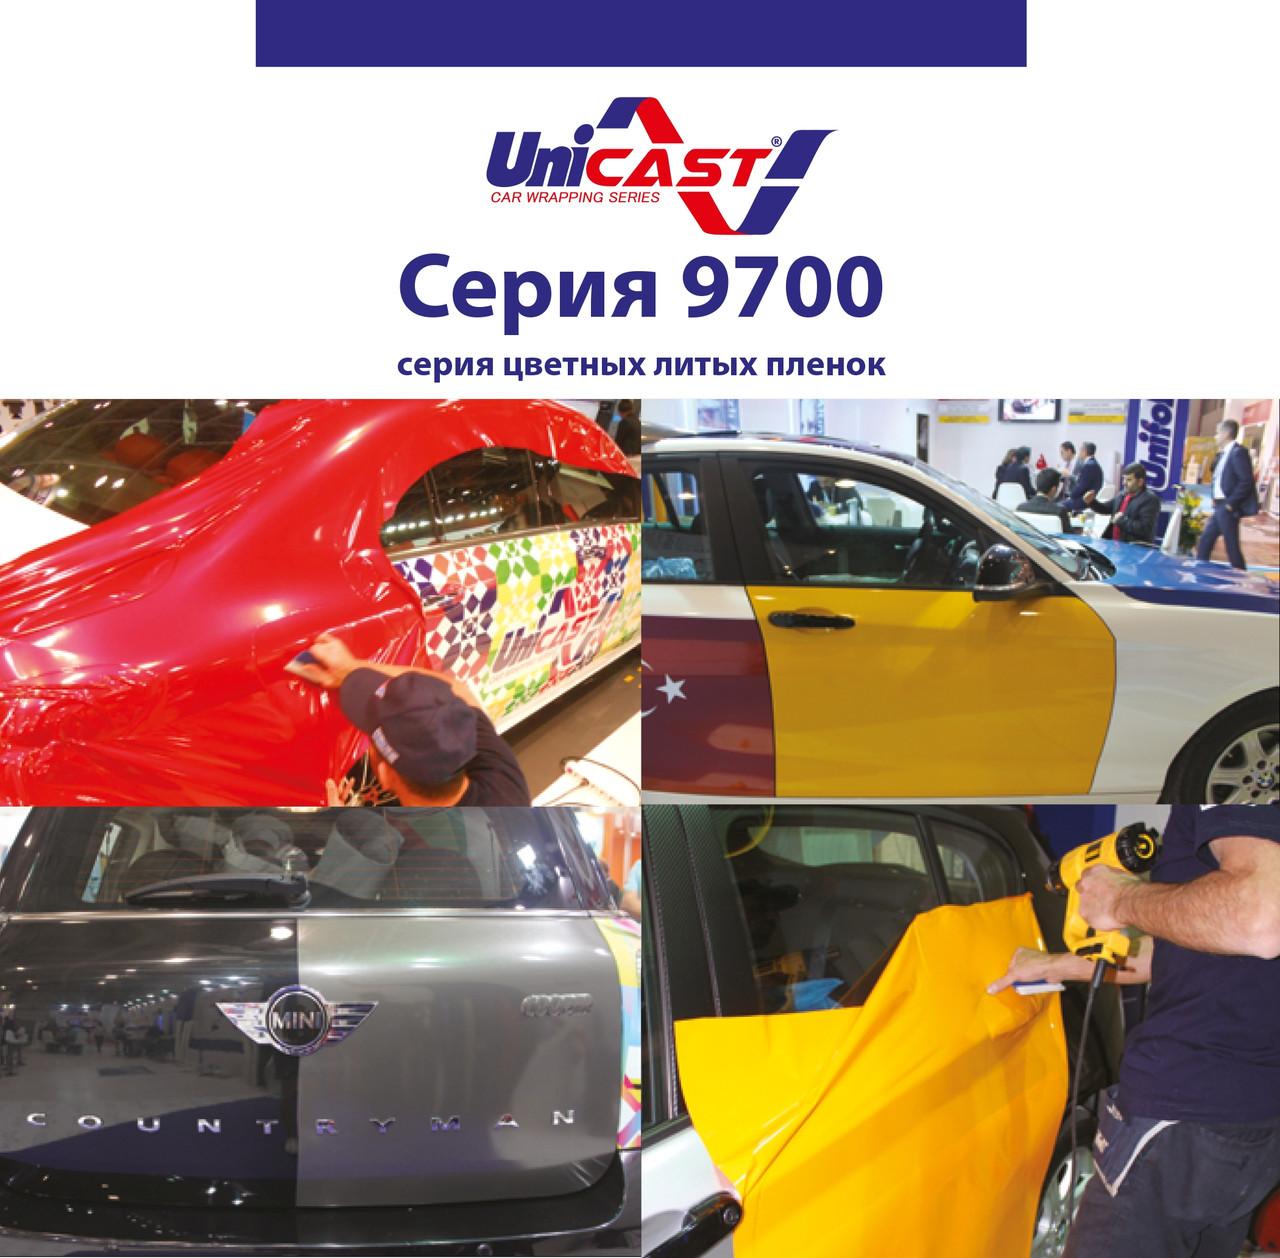 Цветные литые пленки для авто Unicast 9700